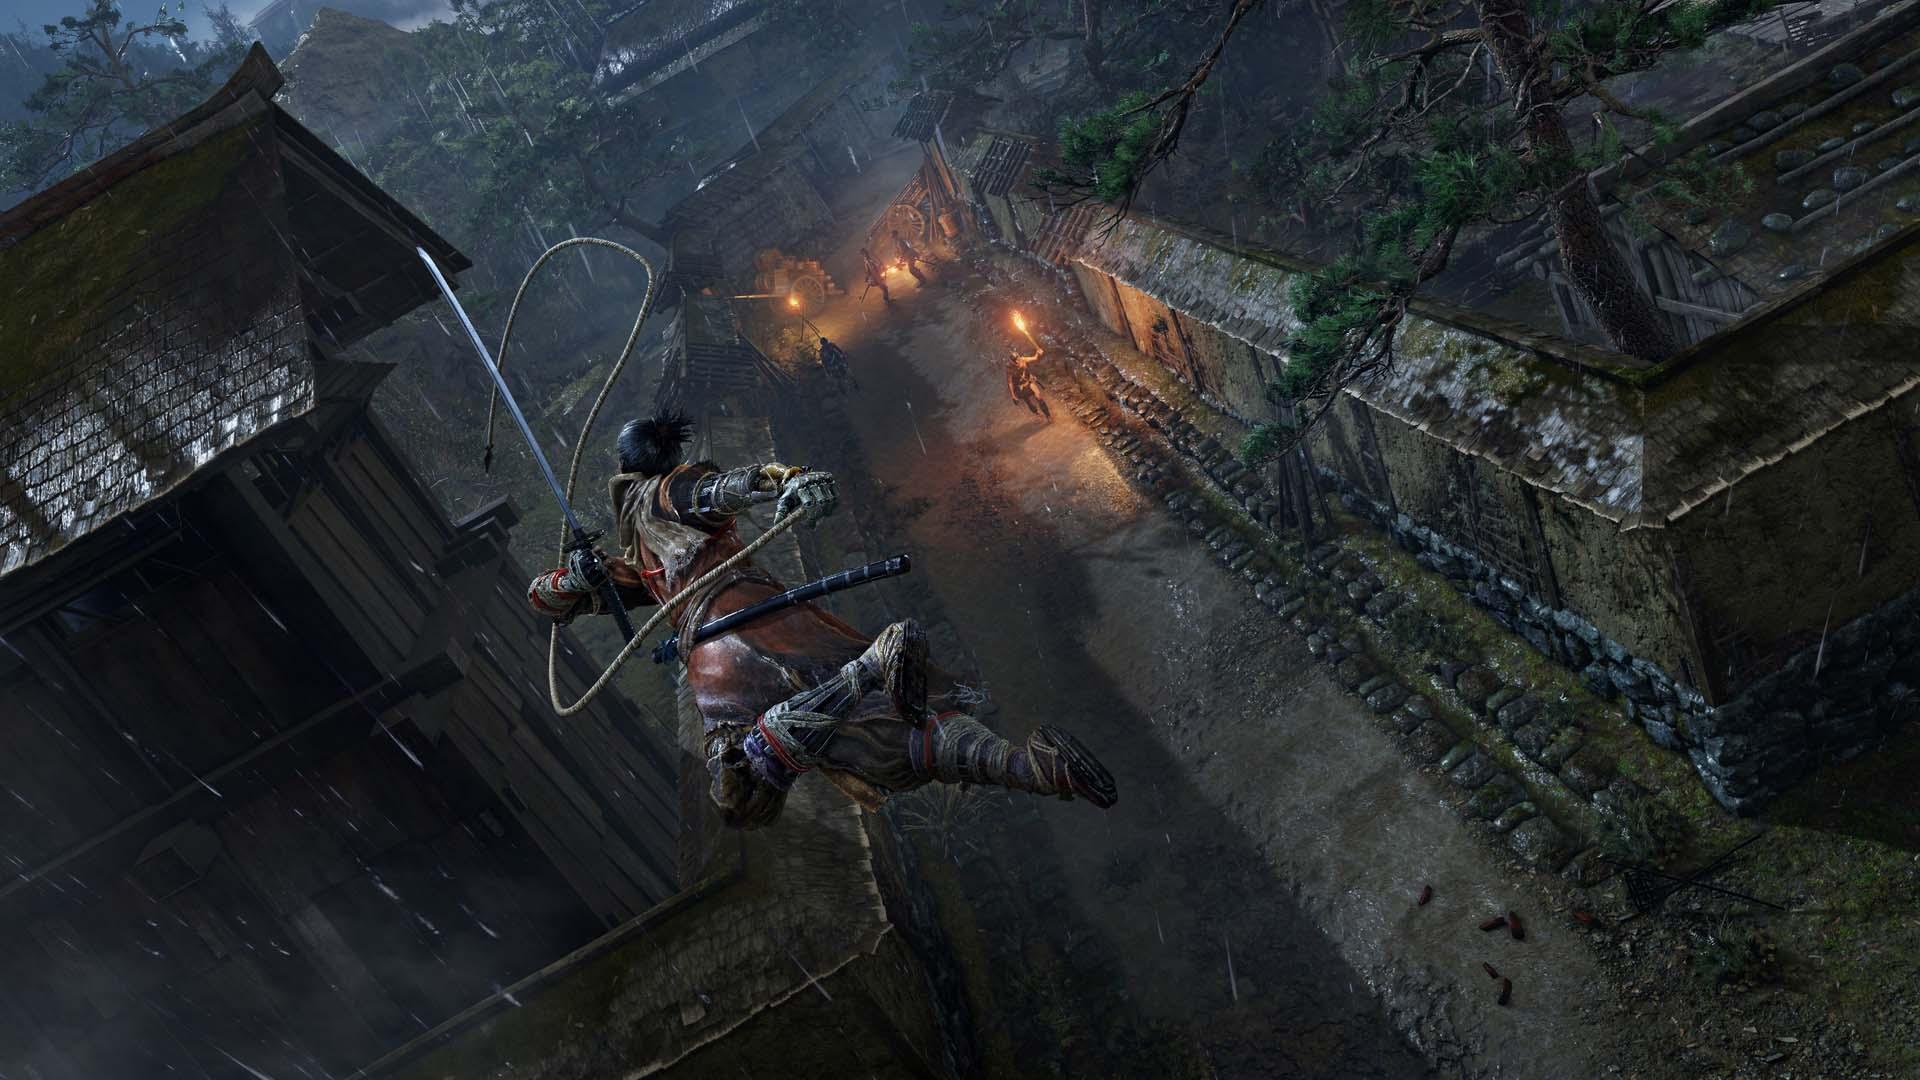 Les 5 jeux vidéo qui ont vraiment marqué 2019